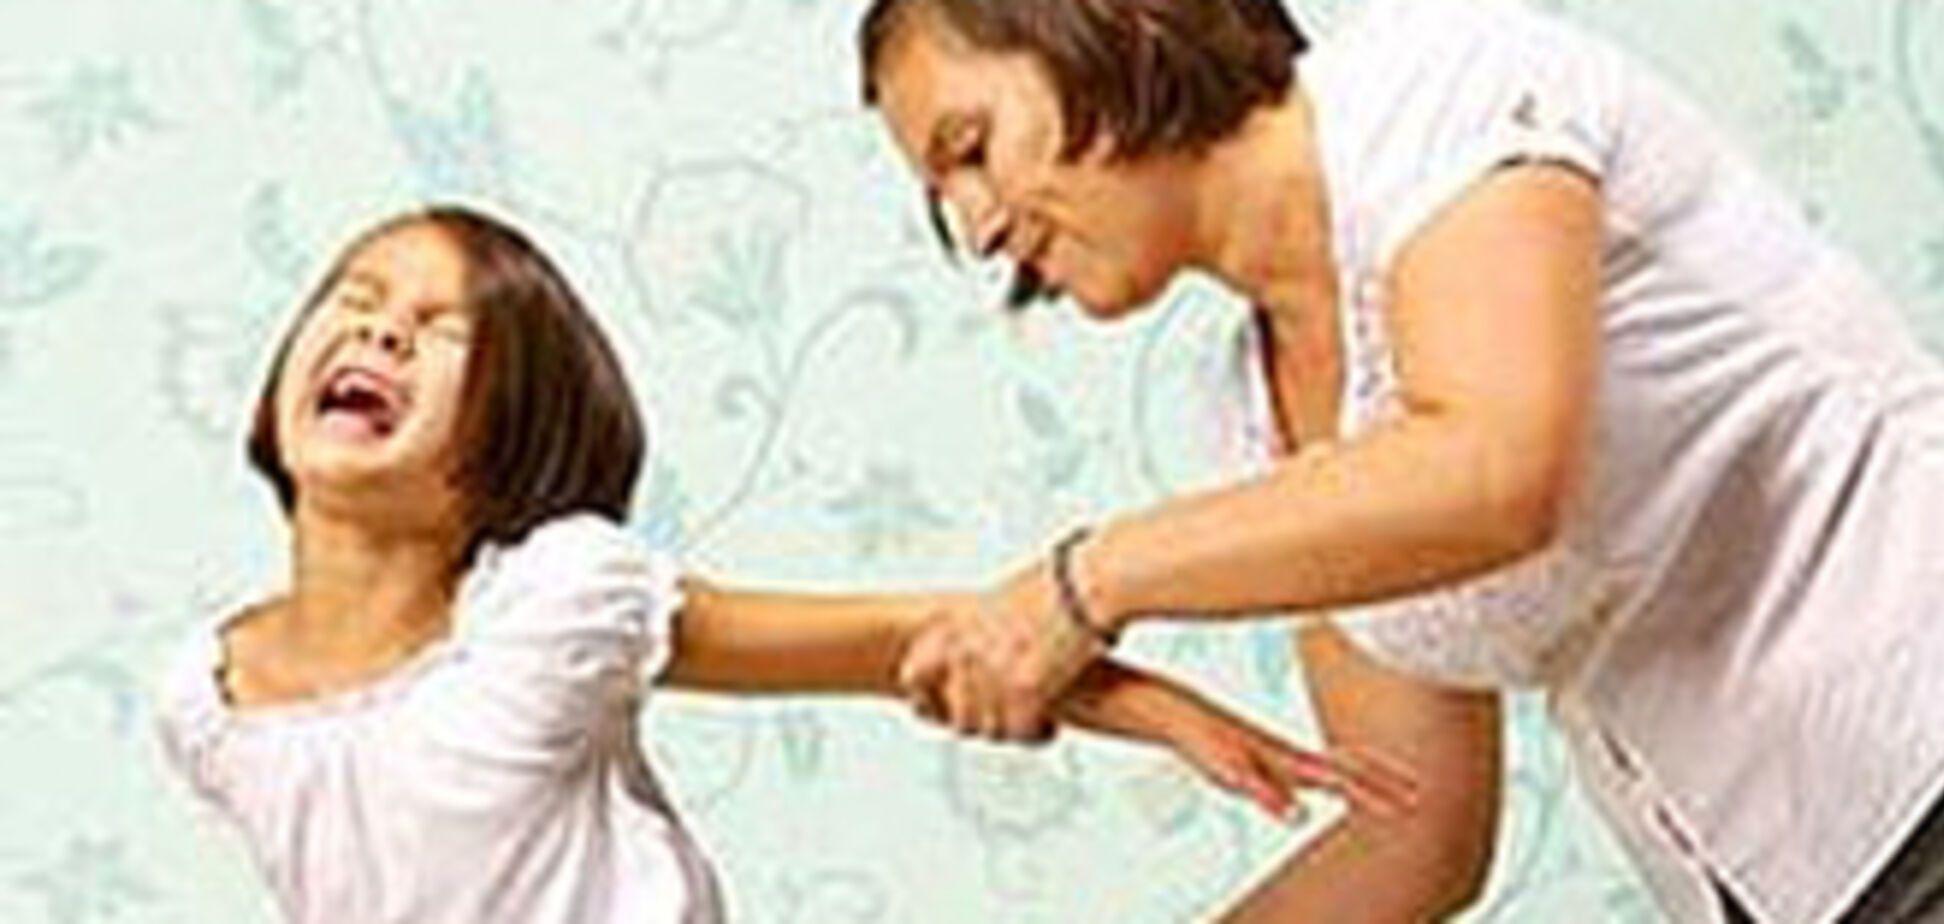 У Польщі батькам заборонили лупцювати дітей